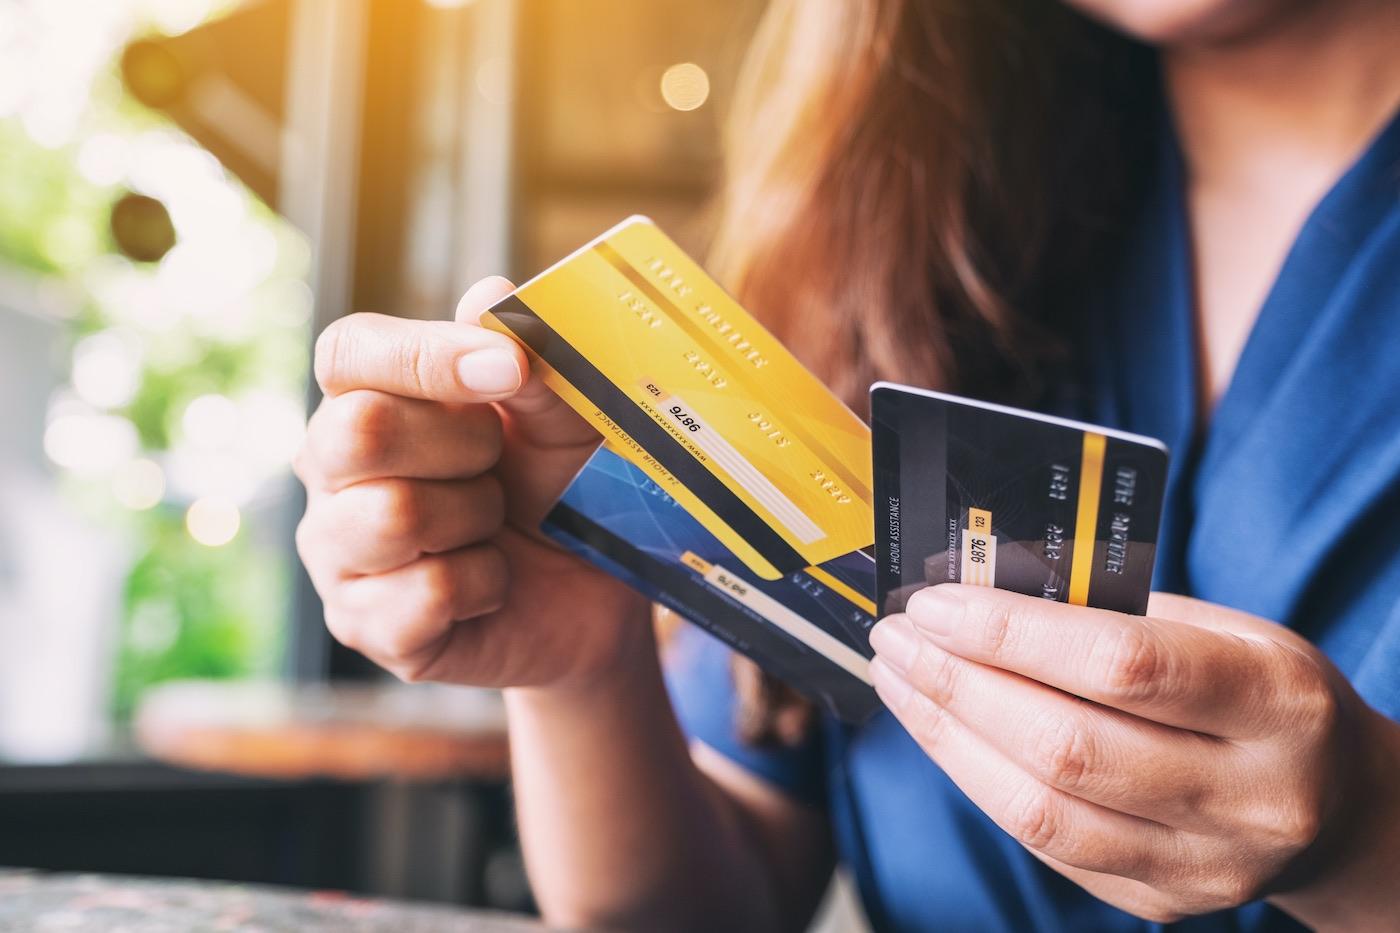 Guía práctica para salir de deudas de tarjetas de crédito